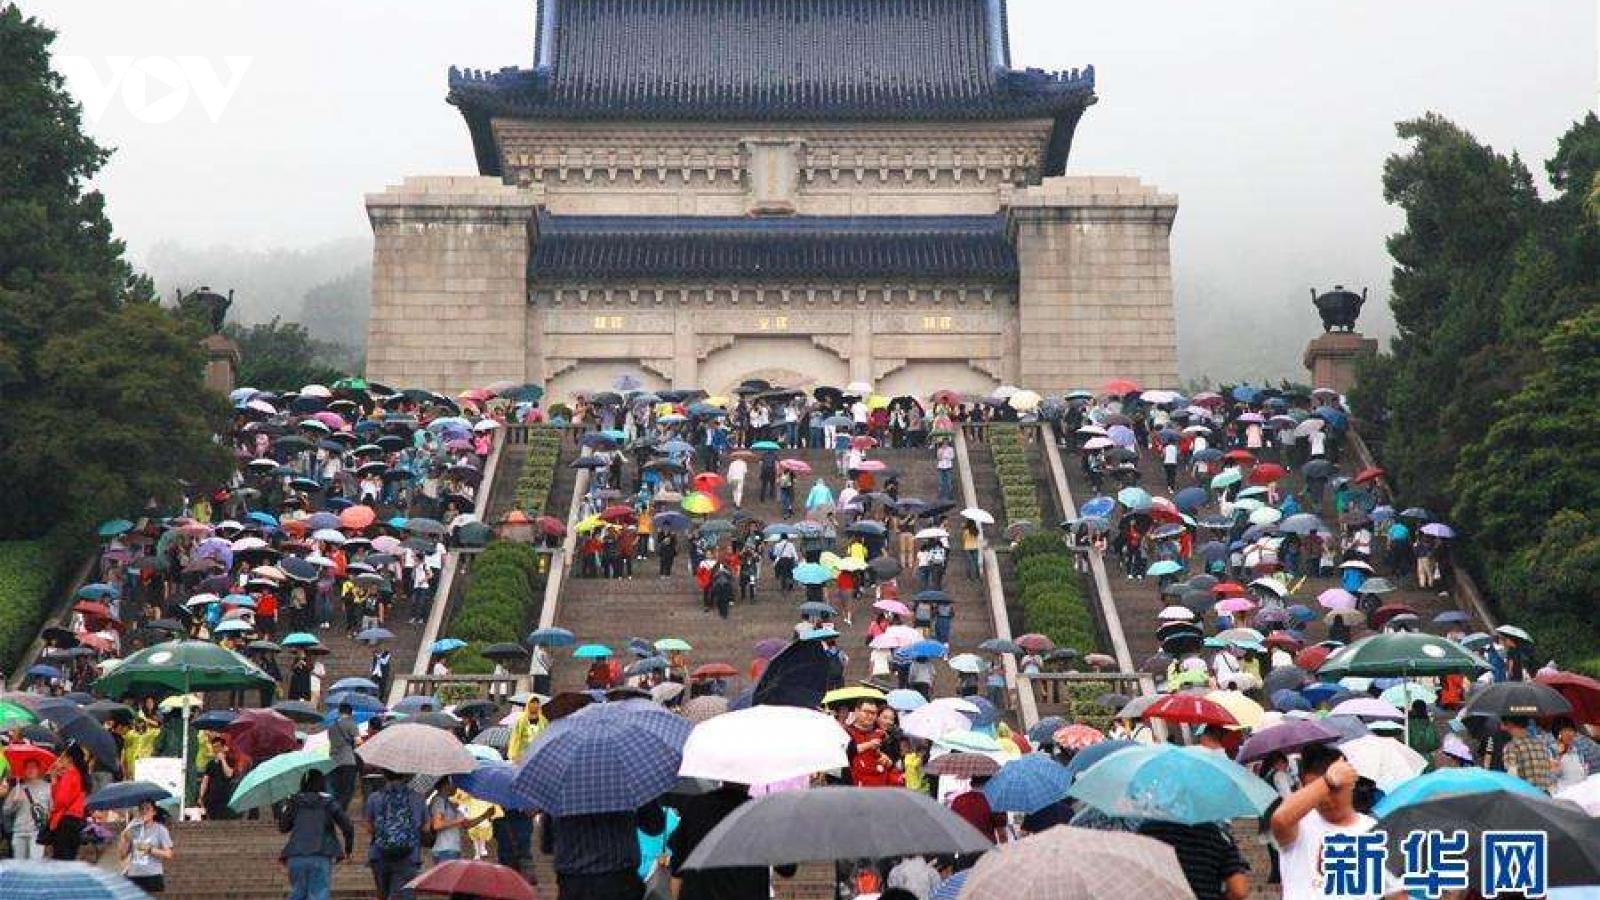 Trung Quốc: hơn 600 triệu lượt người đi du lịch dịp nghỉ Quốc khánh và Trung Thu